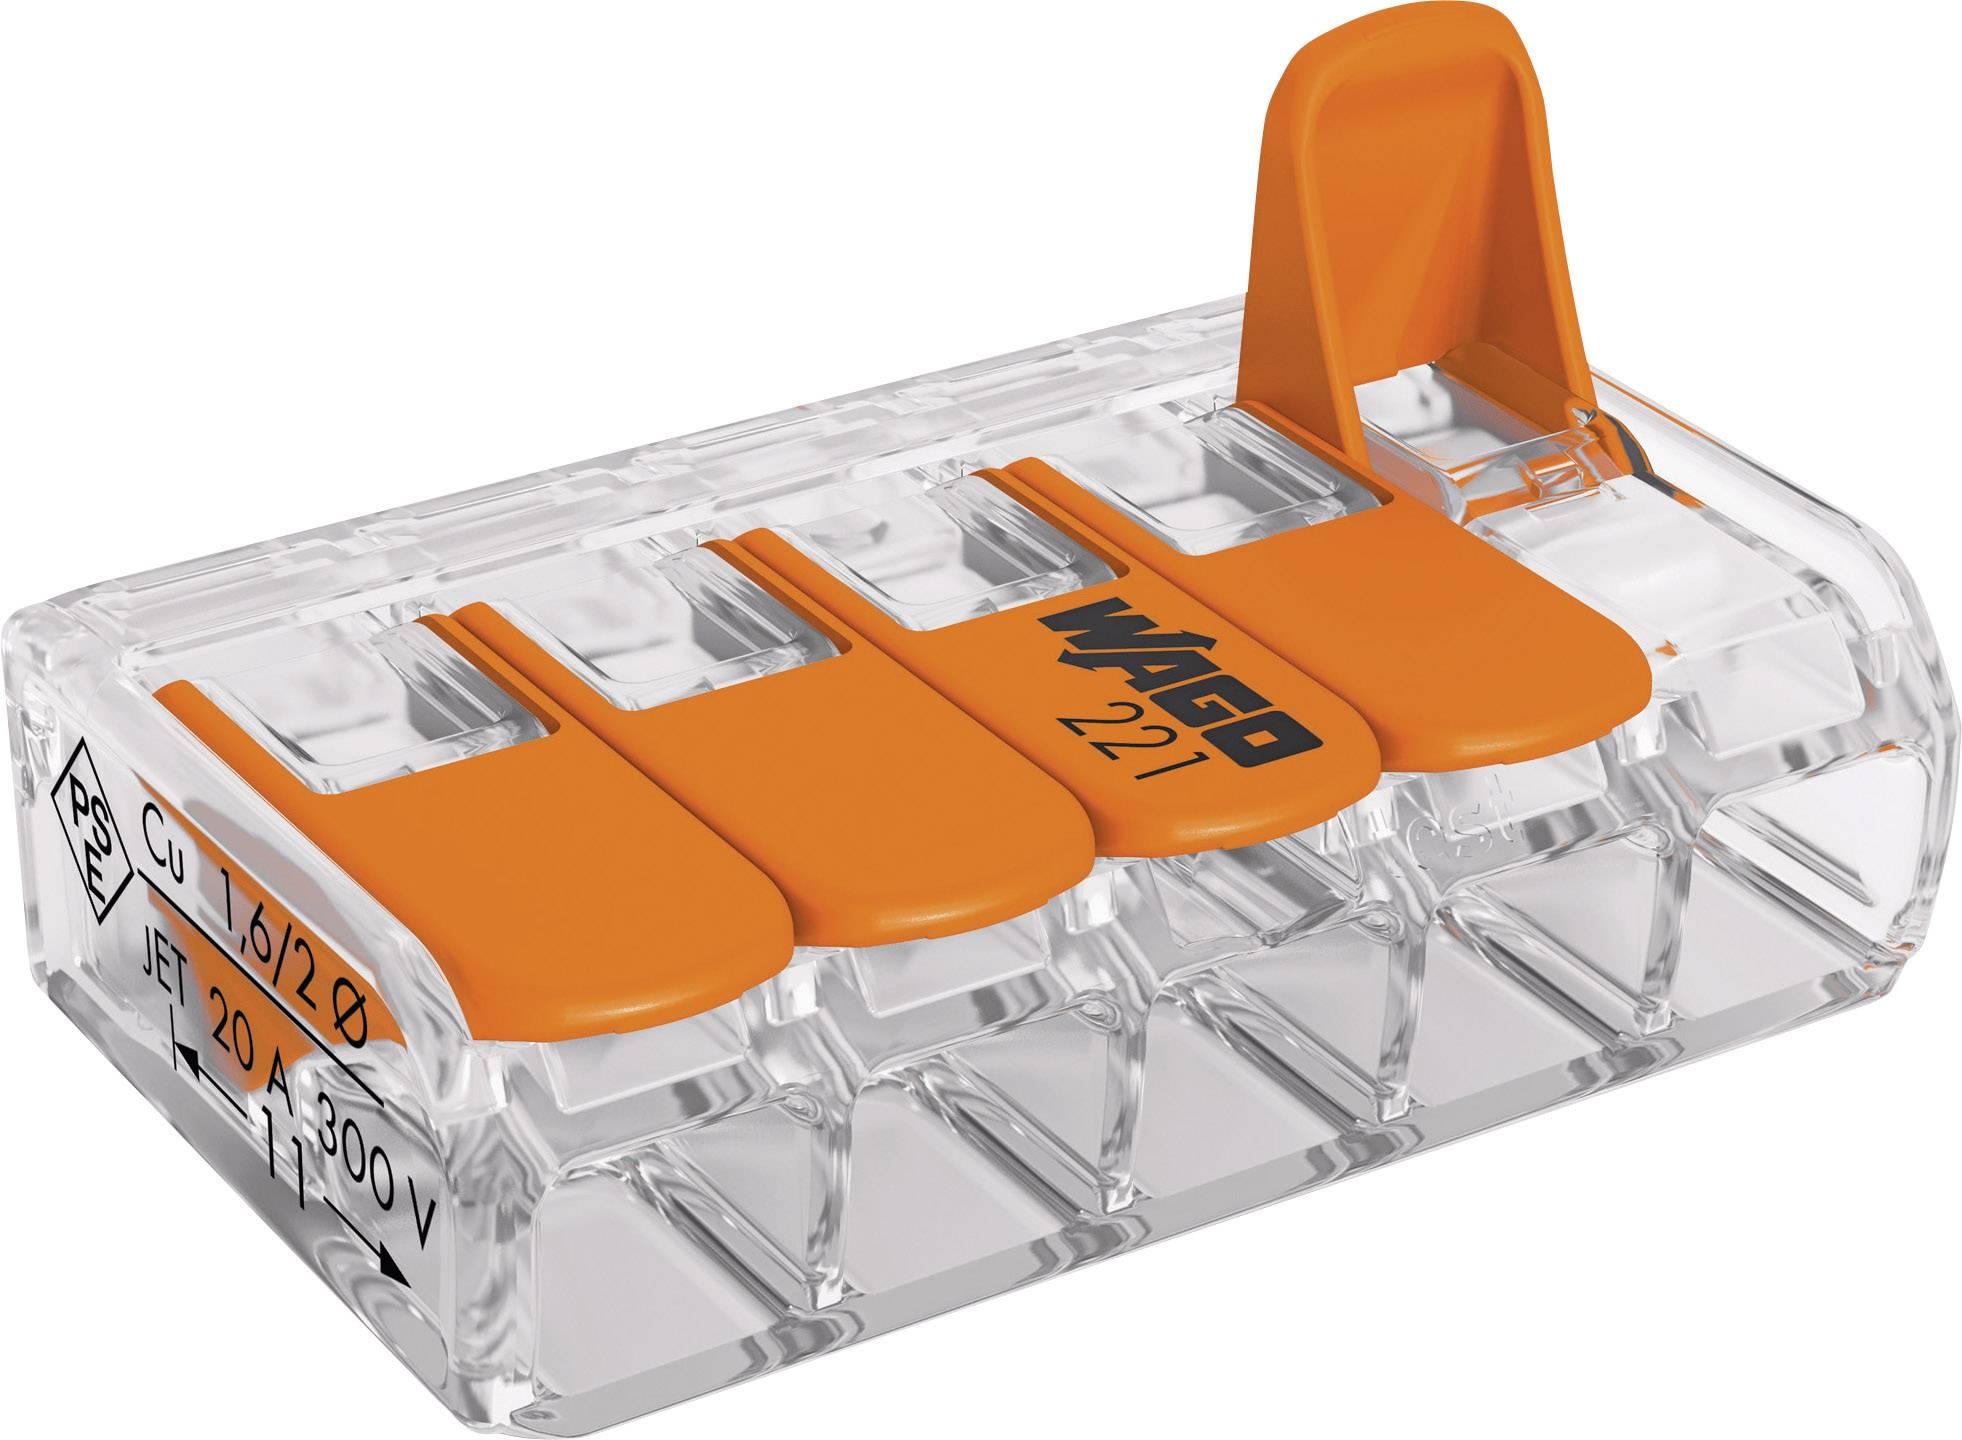 Krabicová svorkovnica WAGO 221-415 na kábel s rozmerom 0.14-4 mm², pólov 5, 1 ks, priehľadná, oranžová